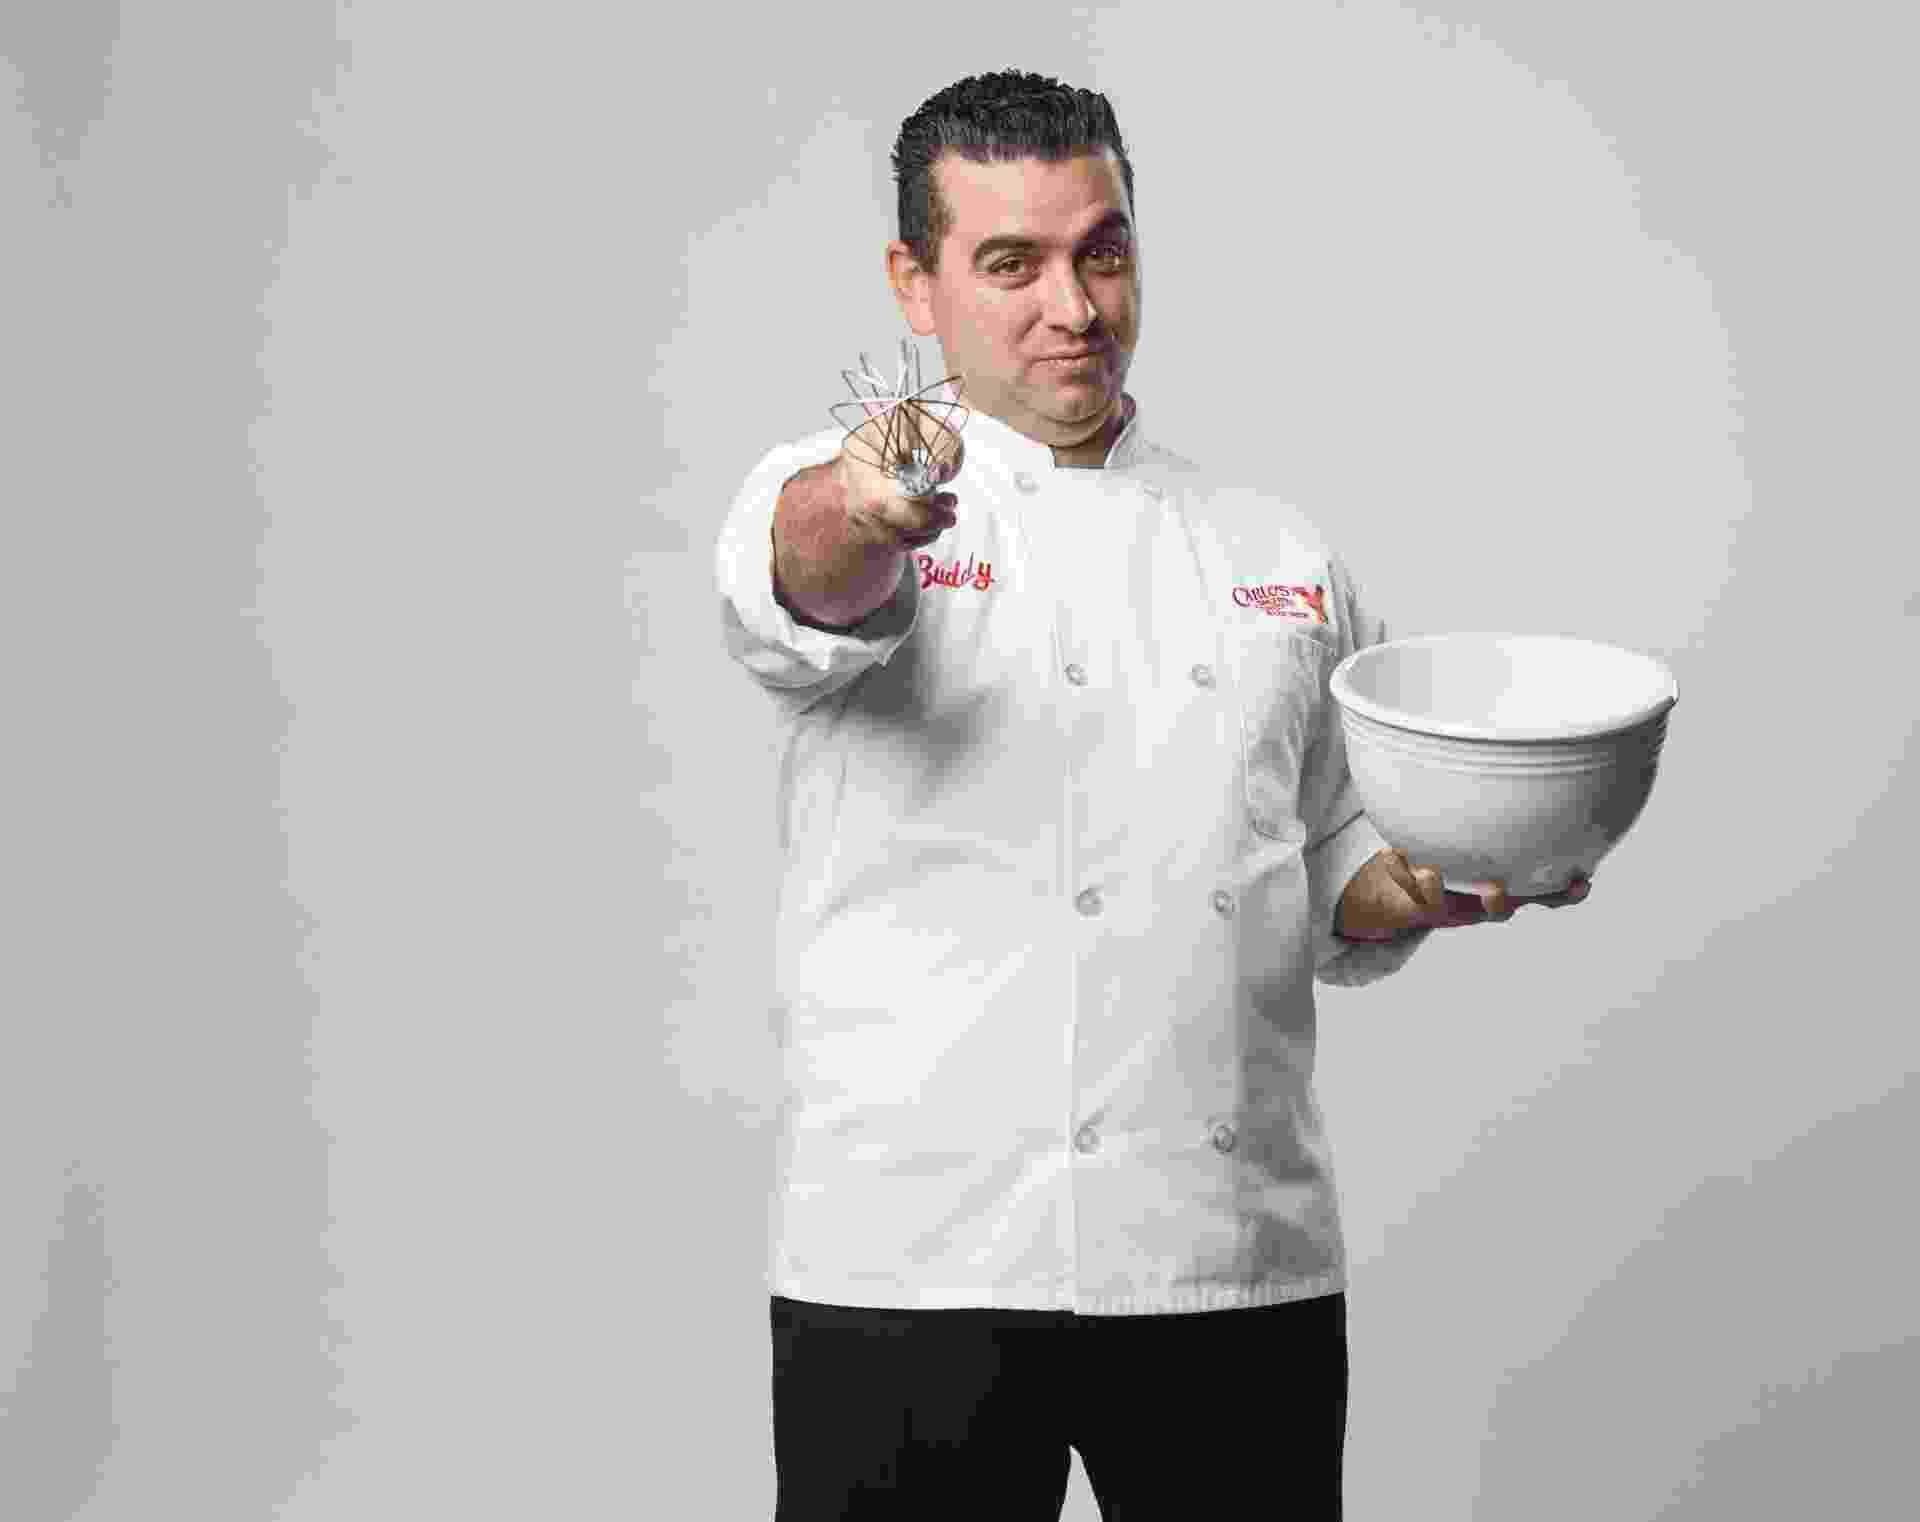 """O confeiteiro Buddy Valastro, das séries """"Cake Boss"""" e """"A Batalha dos Confeiteiros"""",terá como missão escolher um sócio brasileiro no programa - Edu Moraes/Record"""